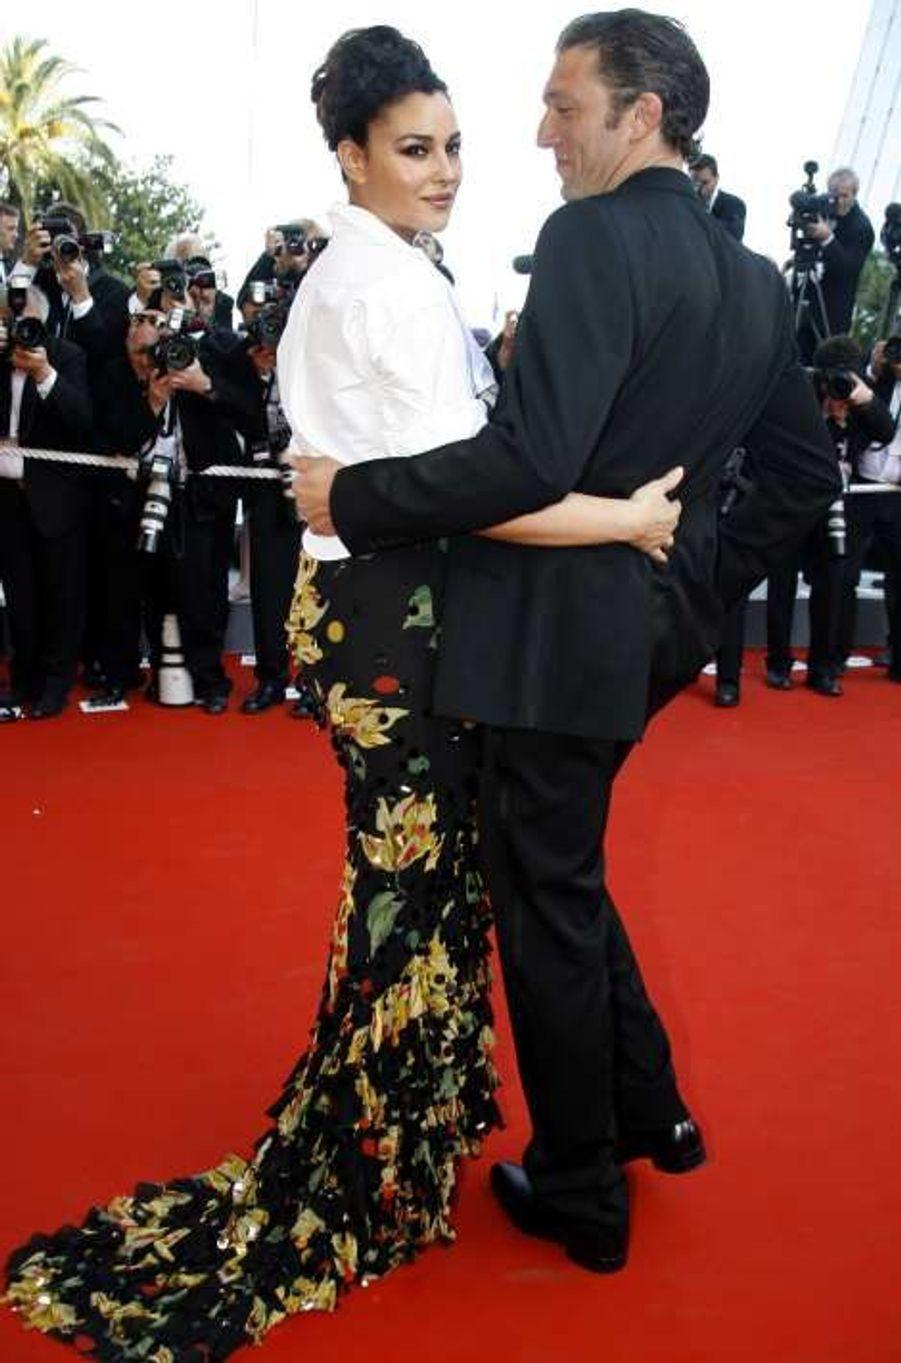 Au 59e Festival de Cannes en mai 2006.